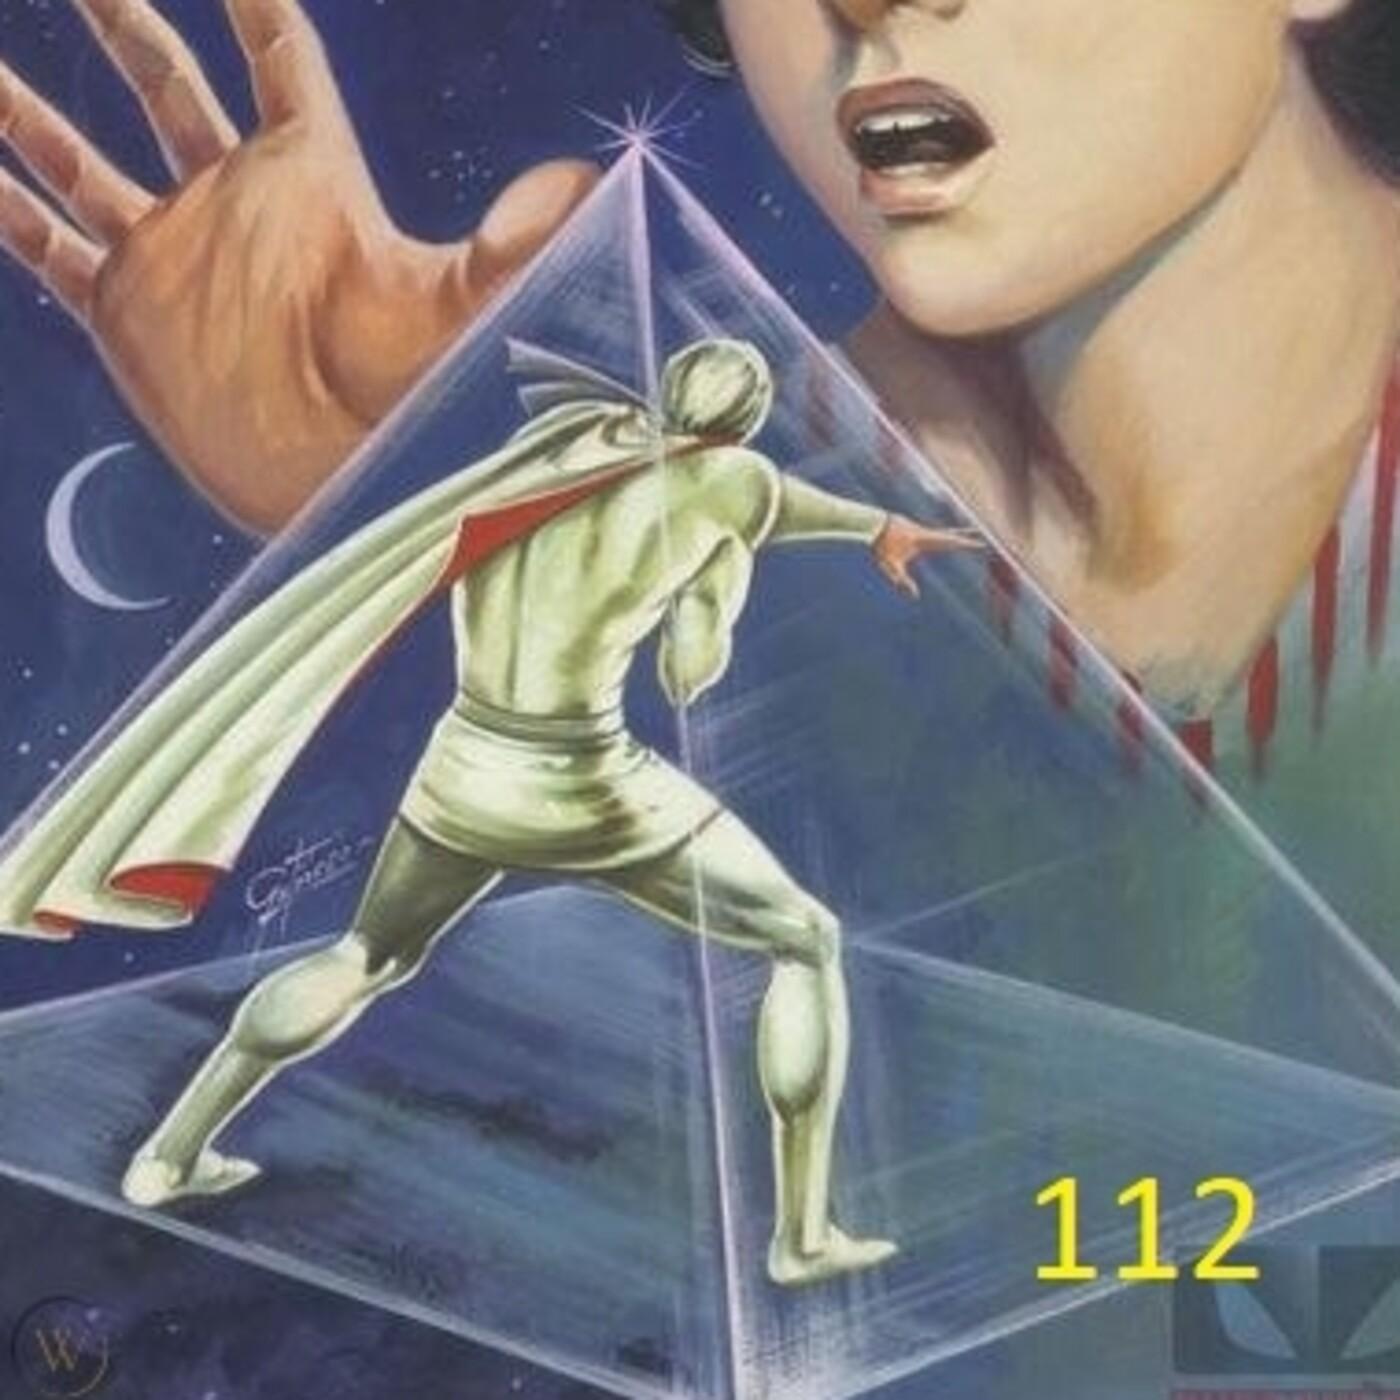 30x112 Muerte en la cuarta dimensión Kaliman